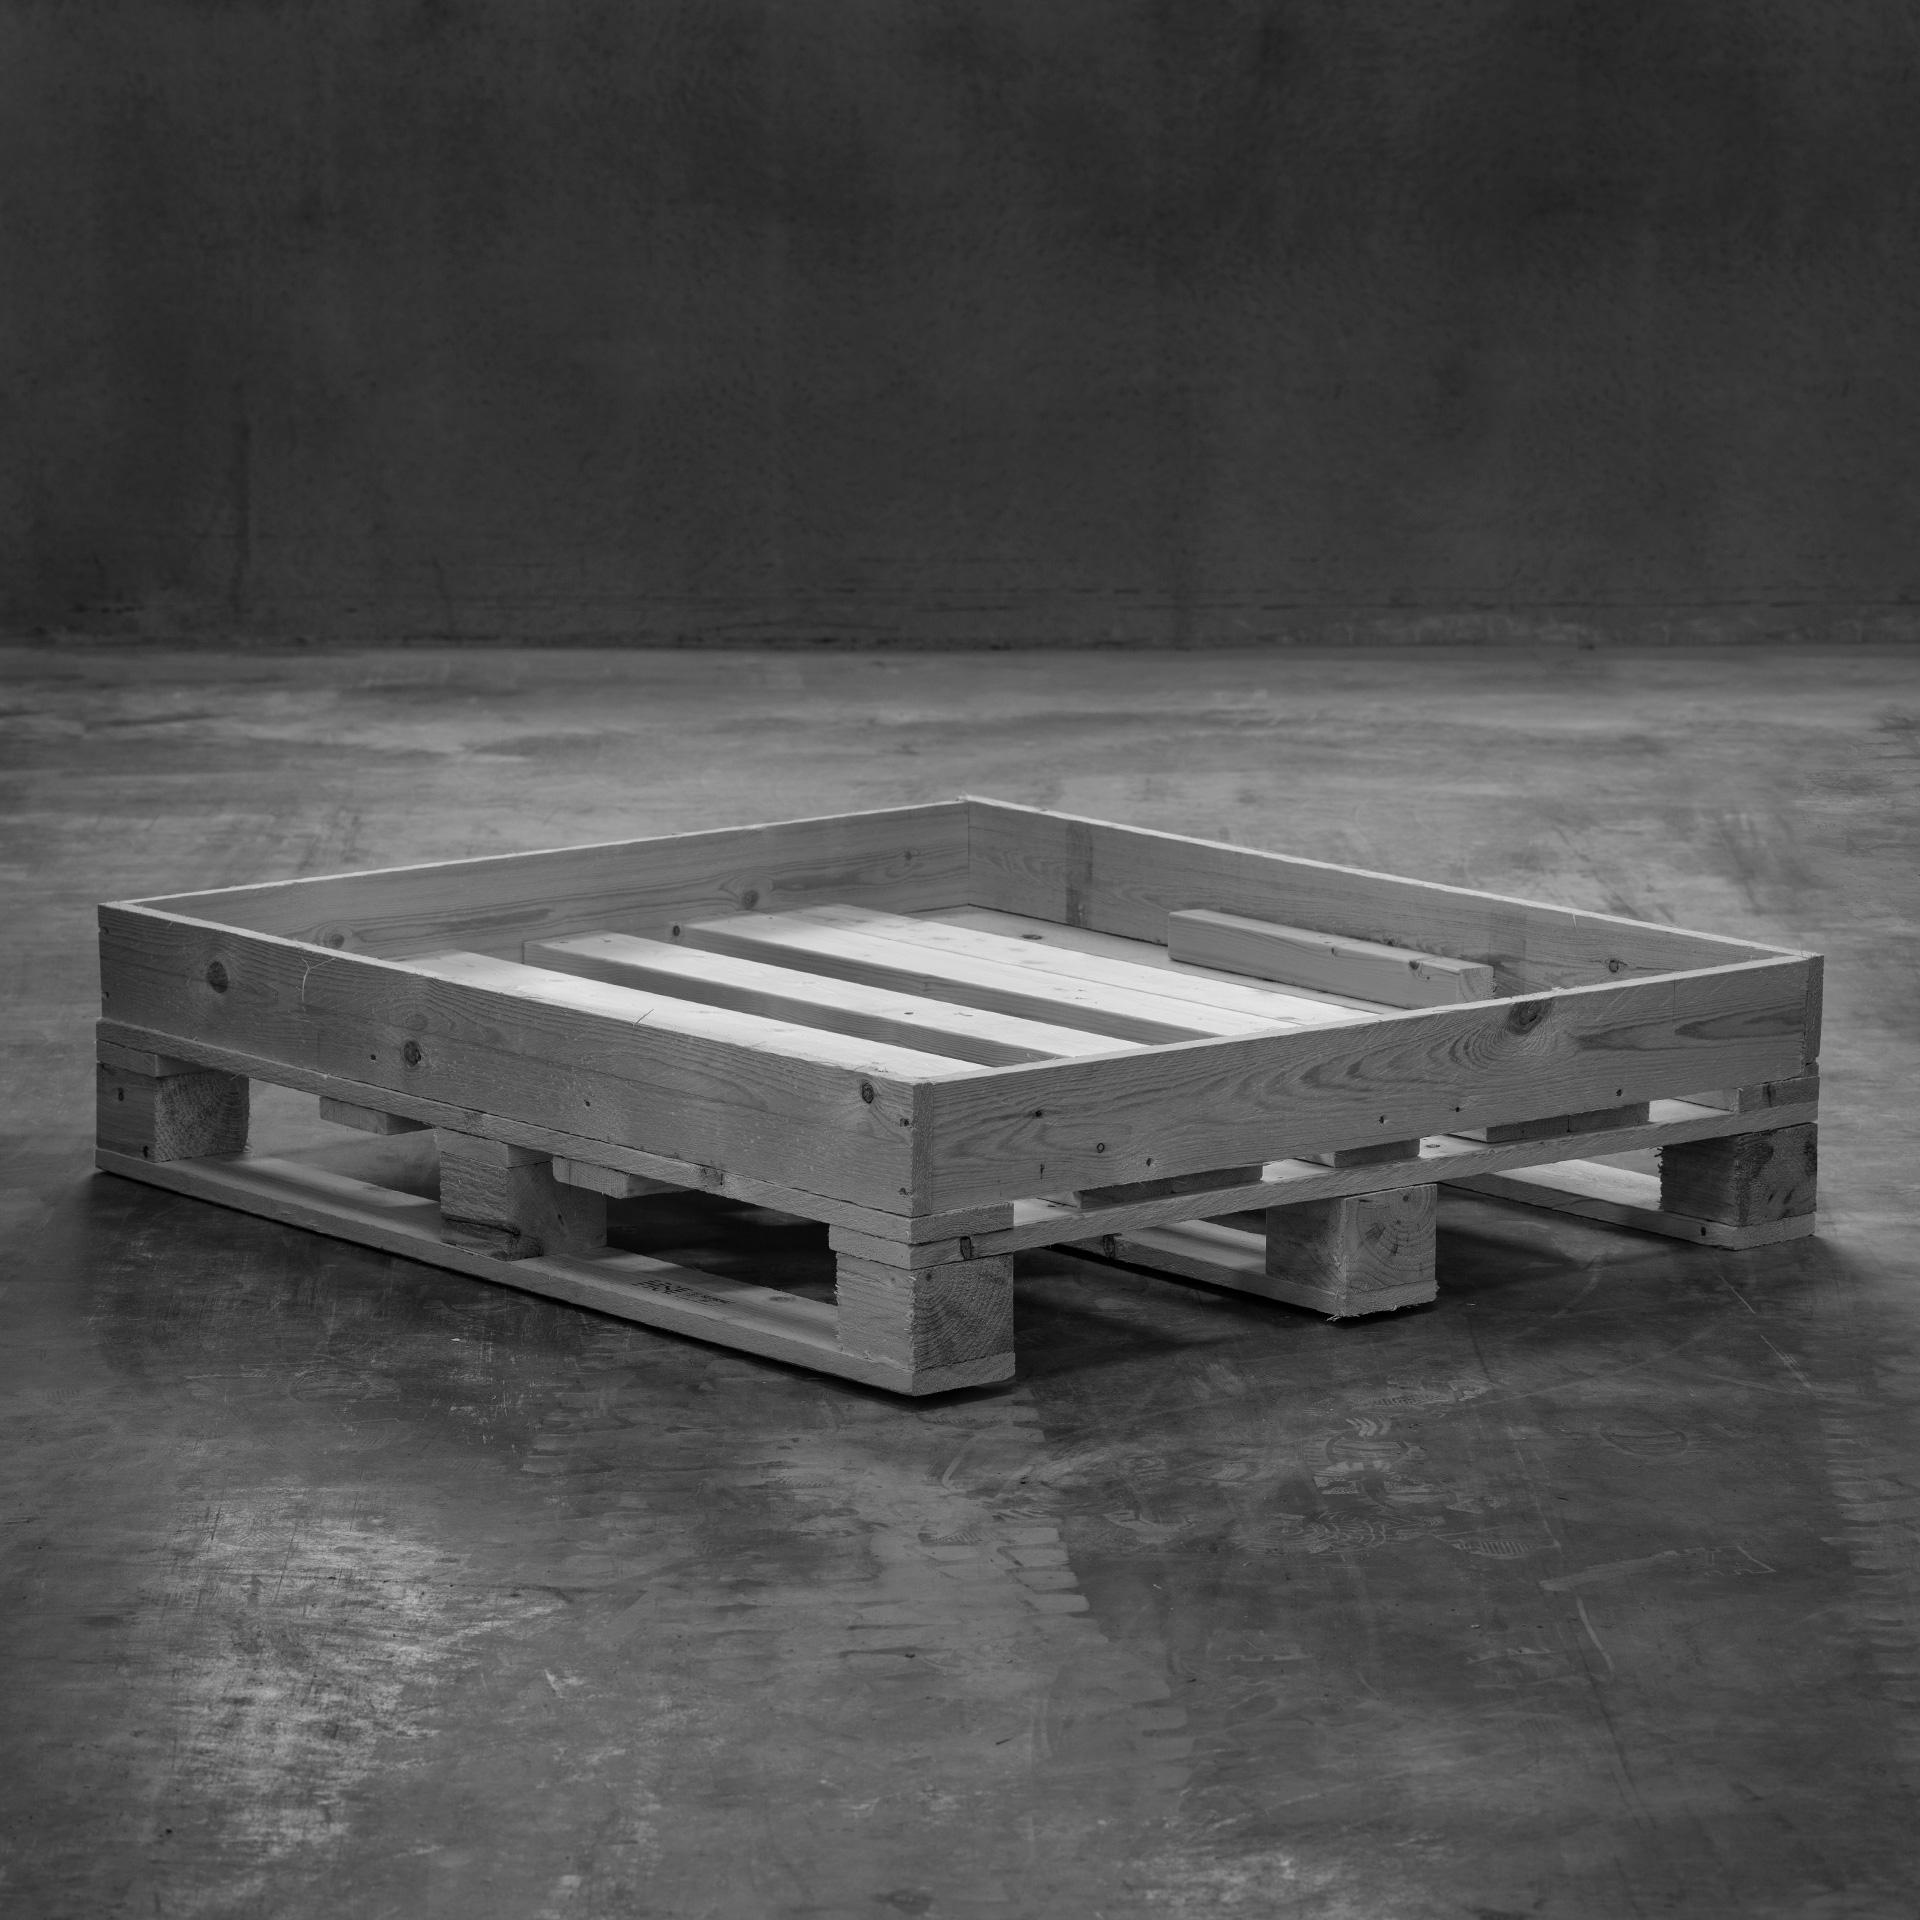 Produktfoto: Specialemballage i trä med inbyggd krage stående på betonggolv